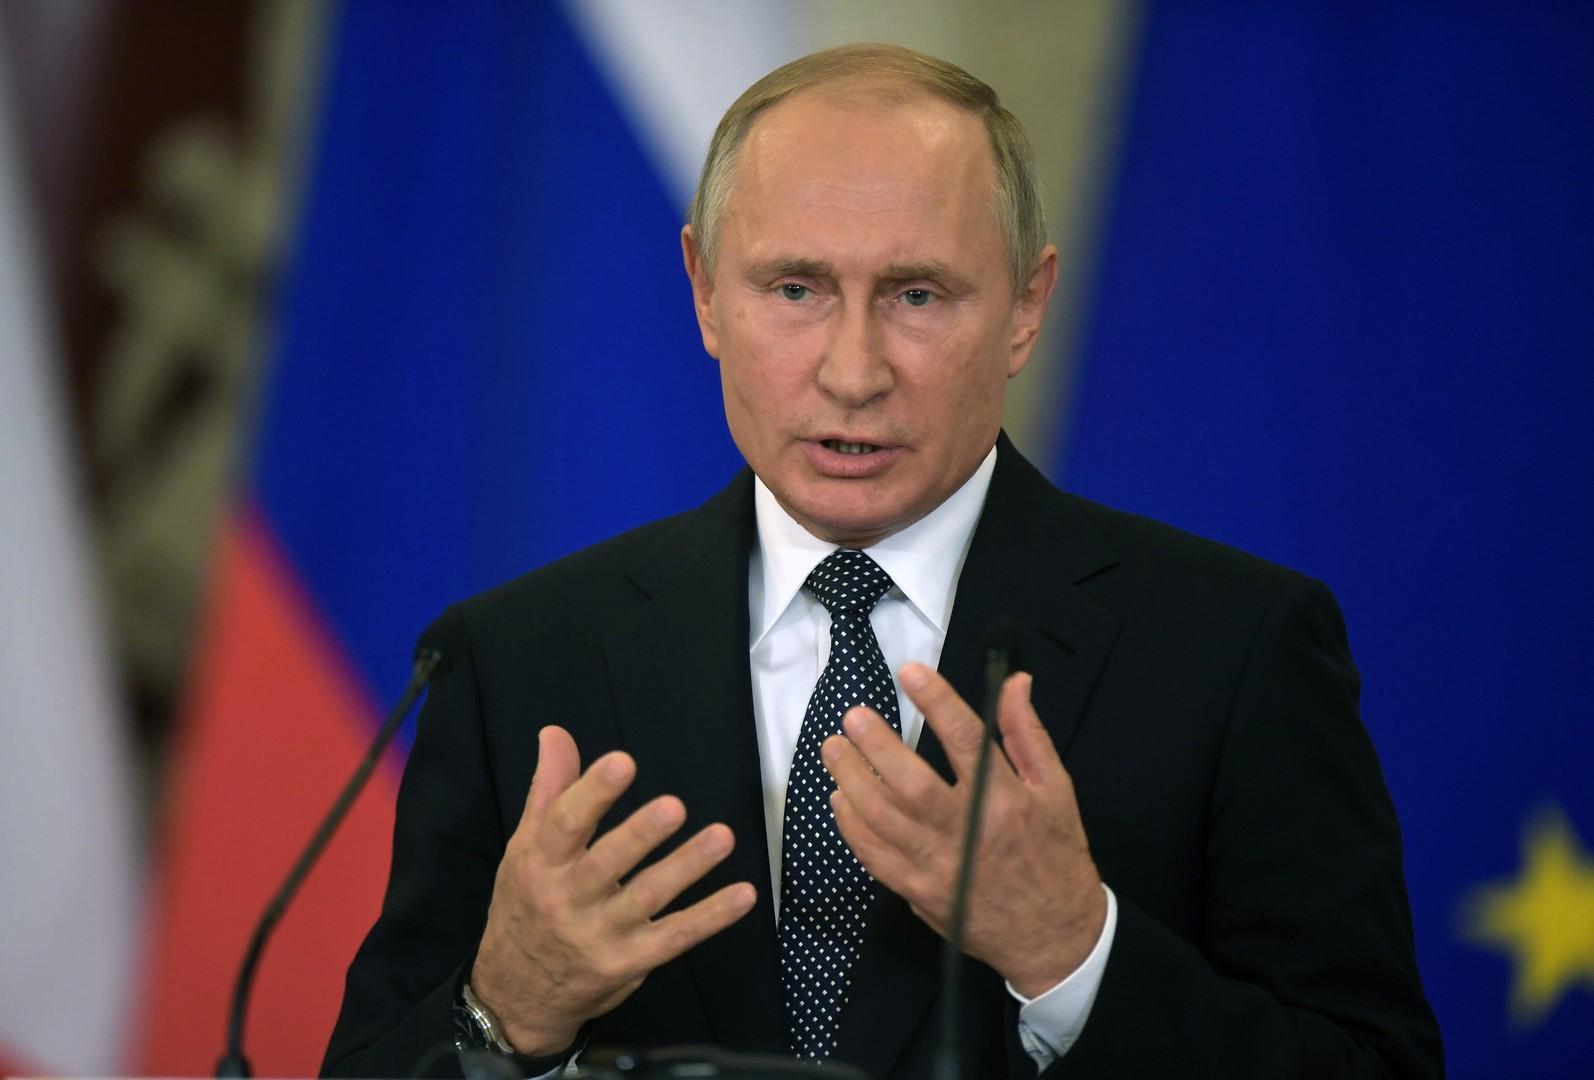 بوتين: يمكننا إنتاج صواريخ متوسطة المدى إذا انسحبت أمريكا من المعاهدة النووية